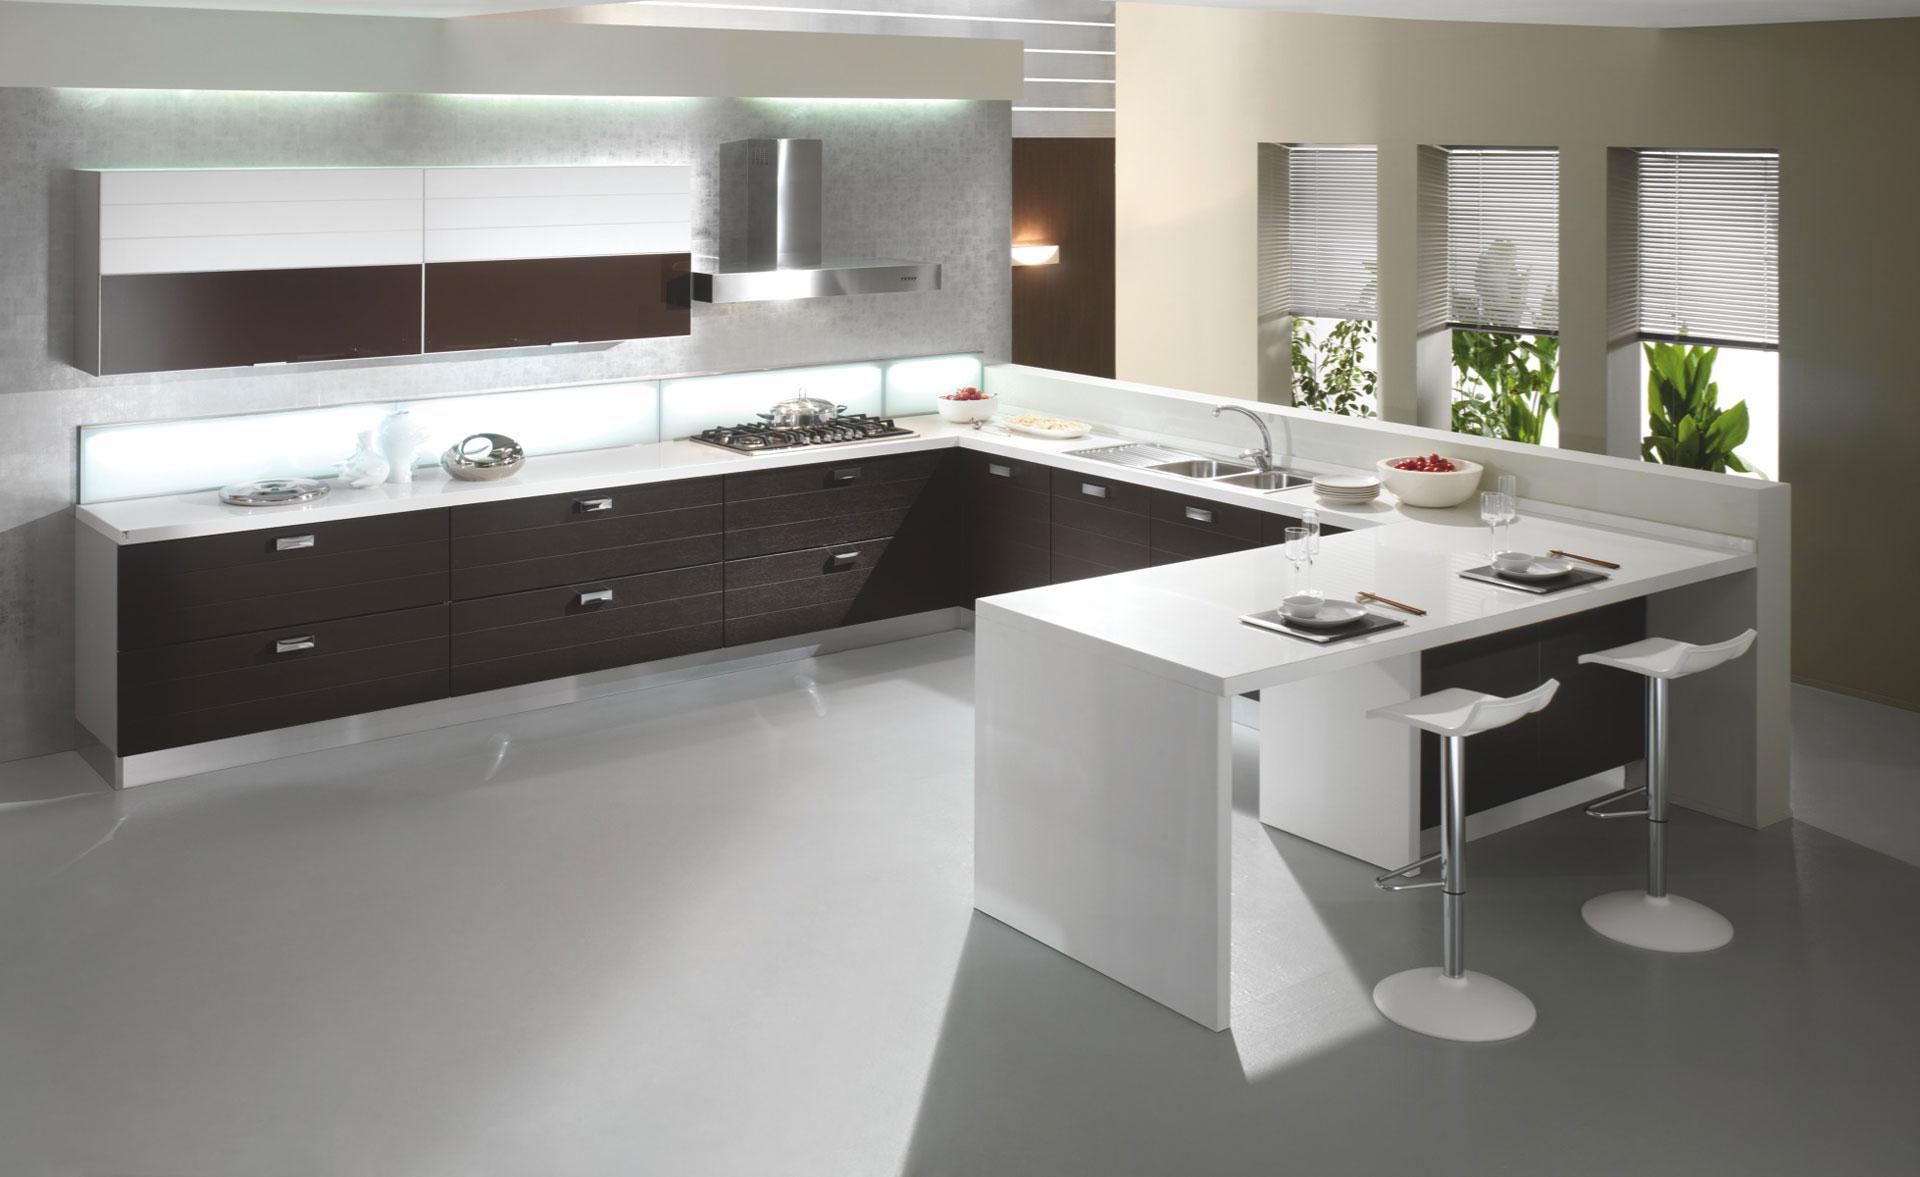 Cucine bianche moderne solobianco cucine bianche for Cucina moderna bianca e marrone